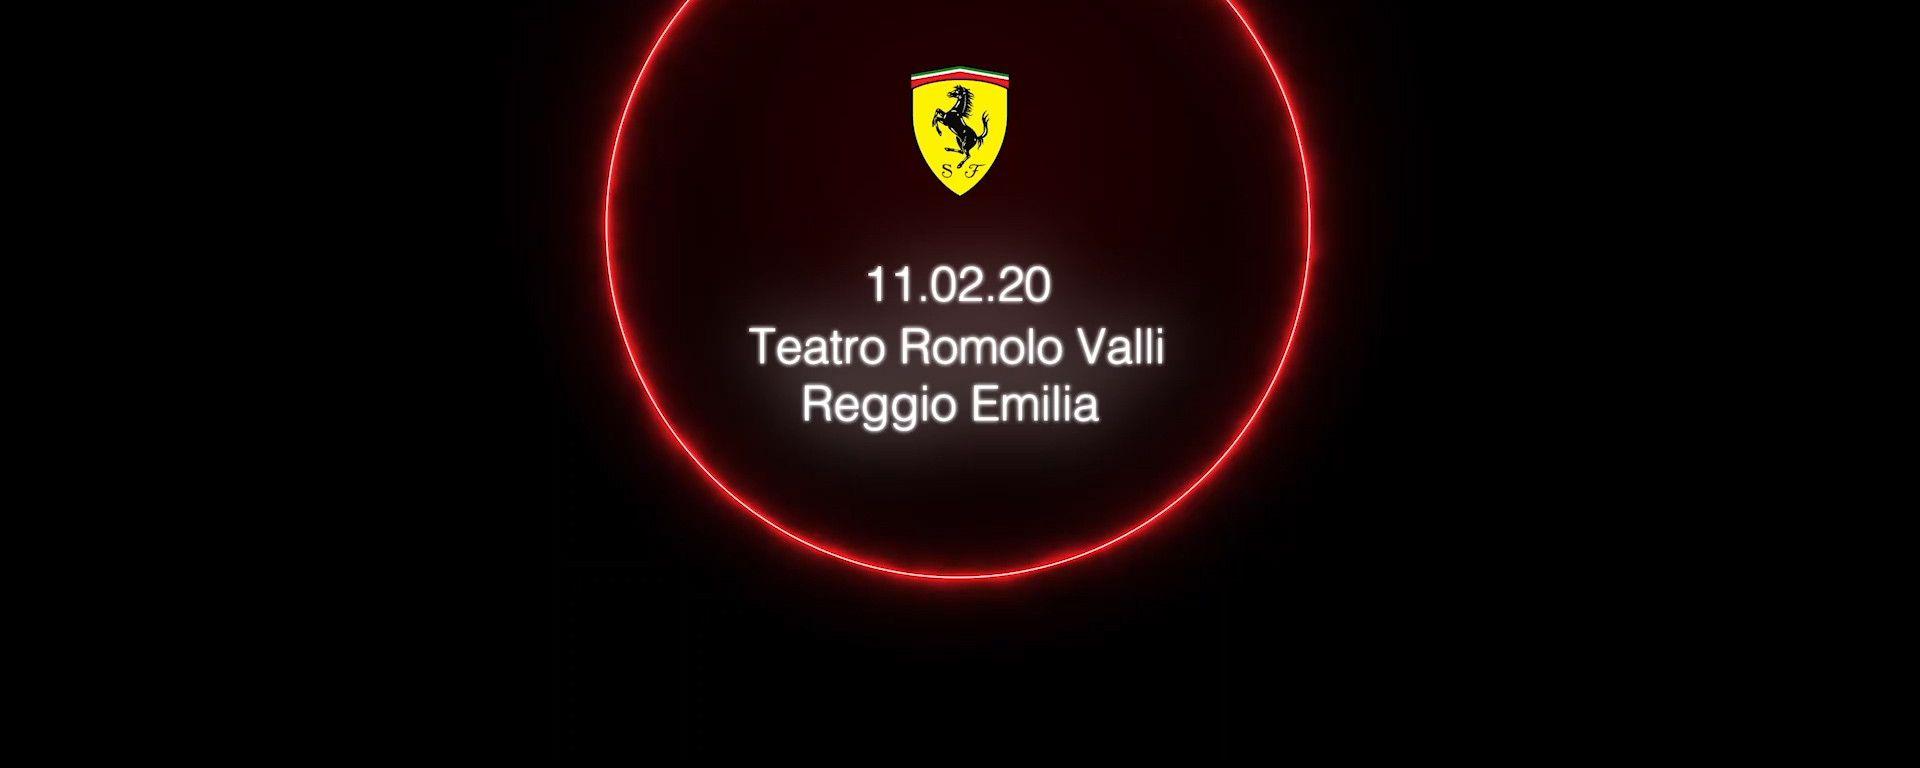 Il logo scelto dalla Ferrari per la presentazione della nuova monoposto F1